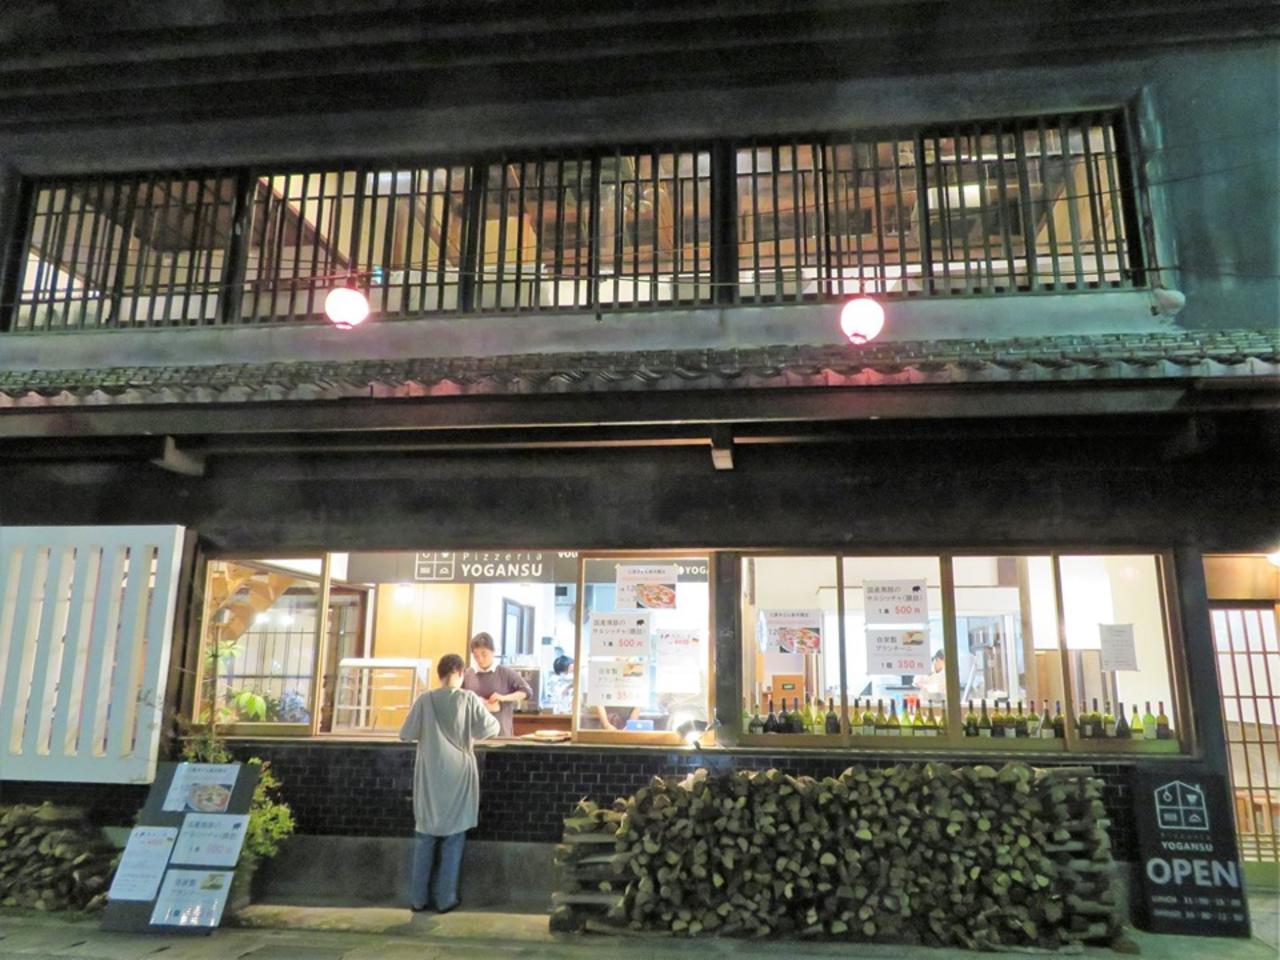 驚き、喜び、くつろぎがテーマ...広島県三原市本町1丁目のピッツェリア「よがんす」